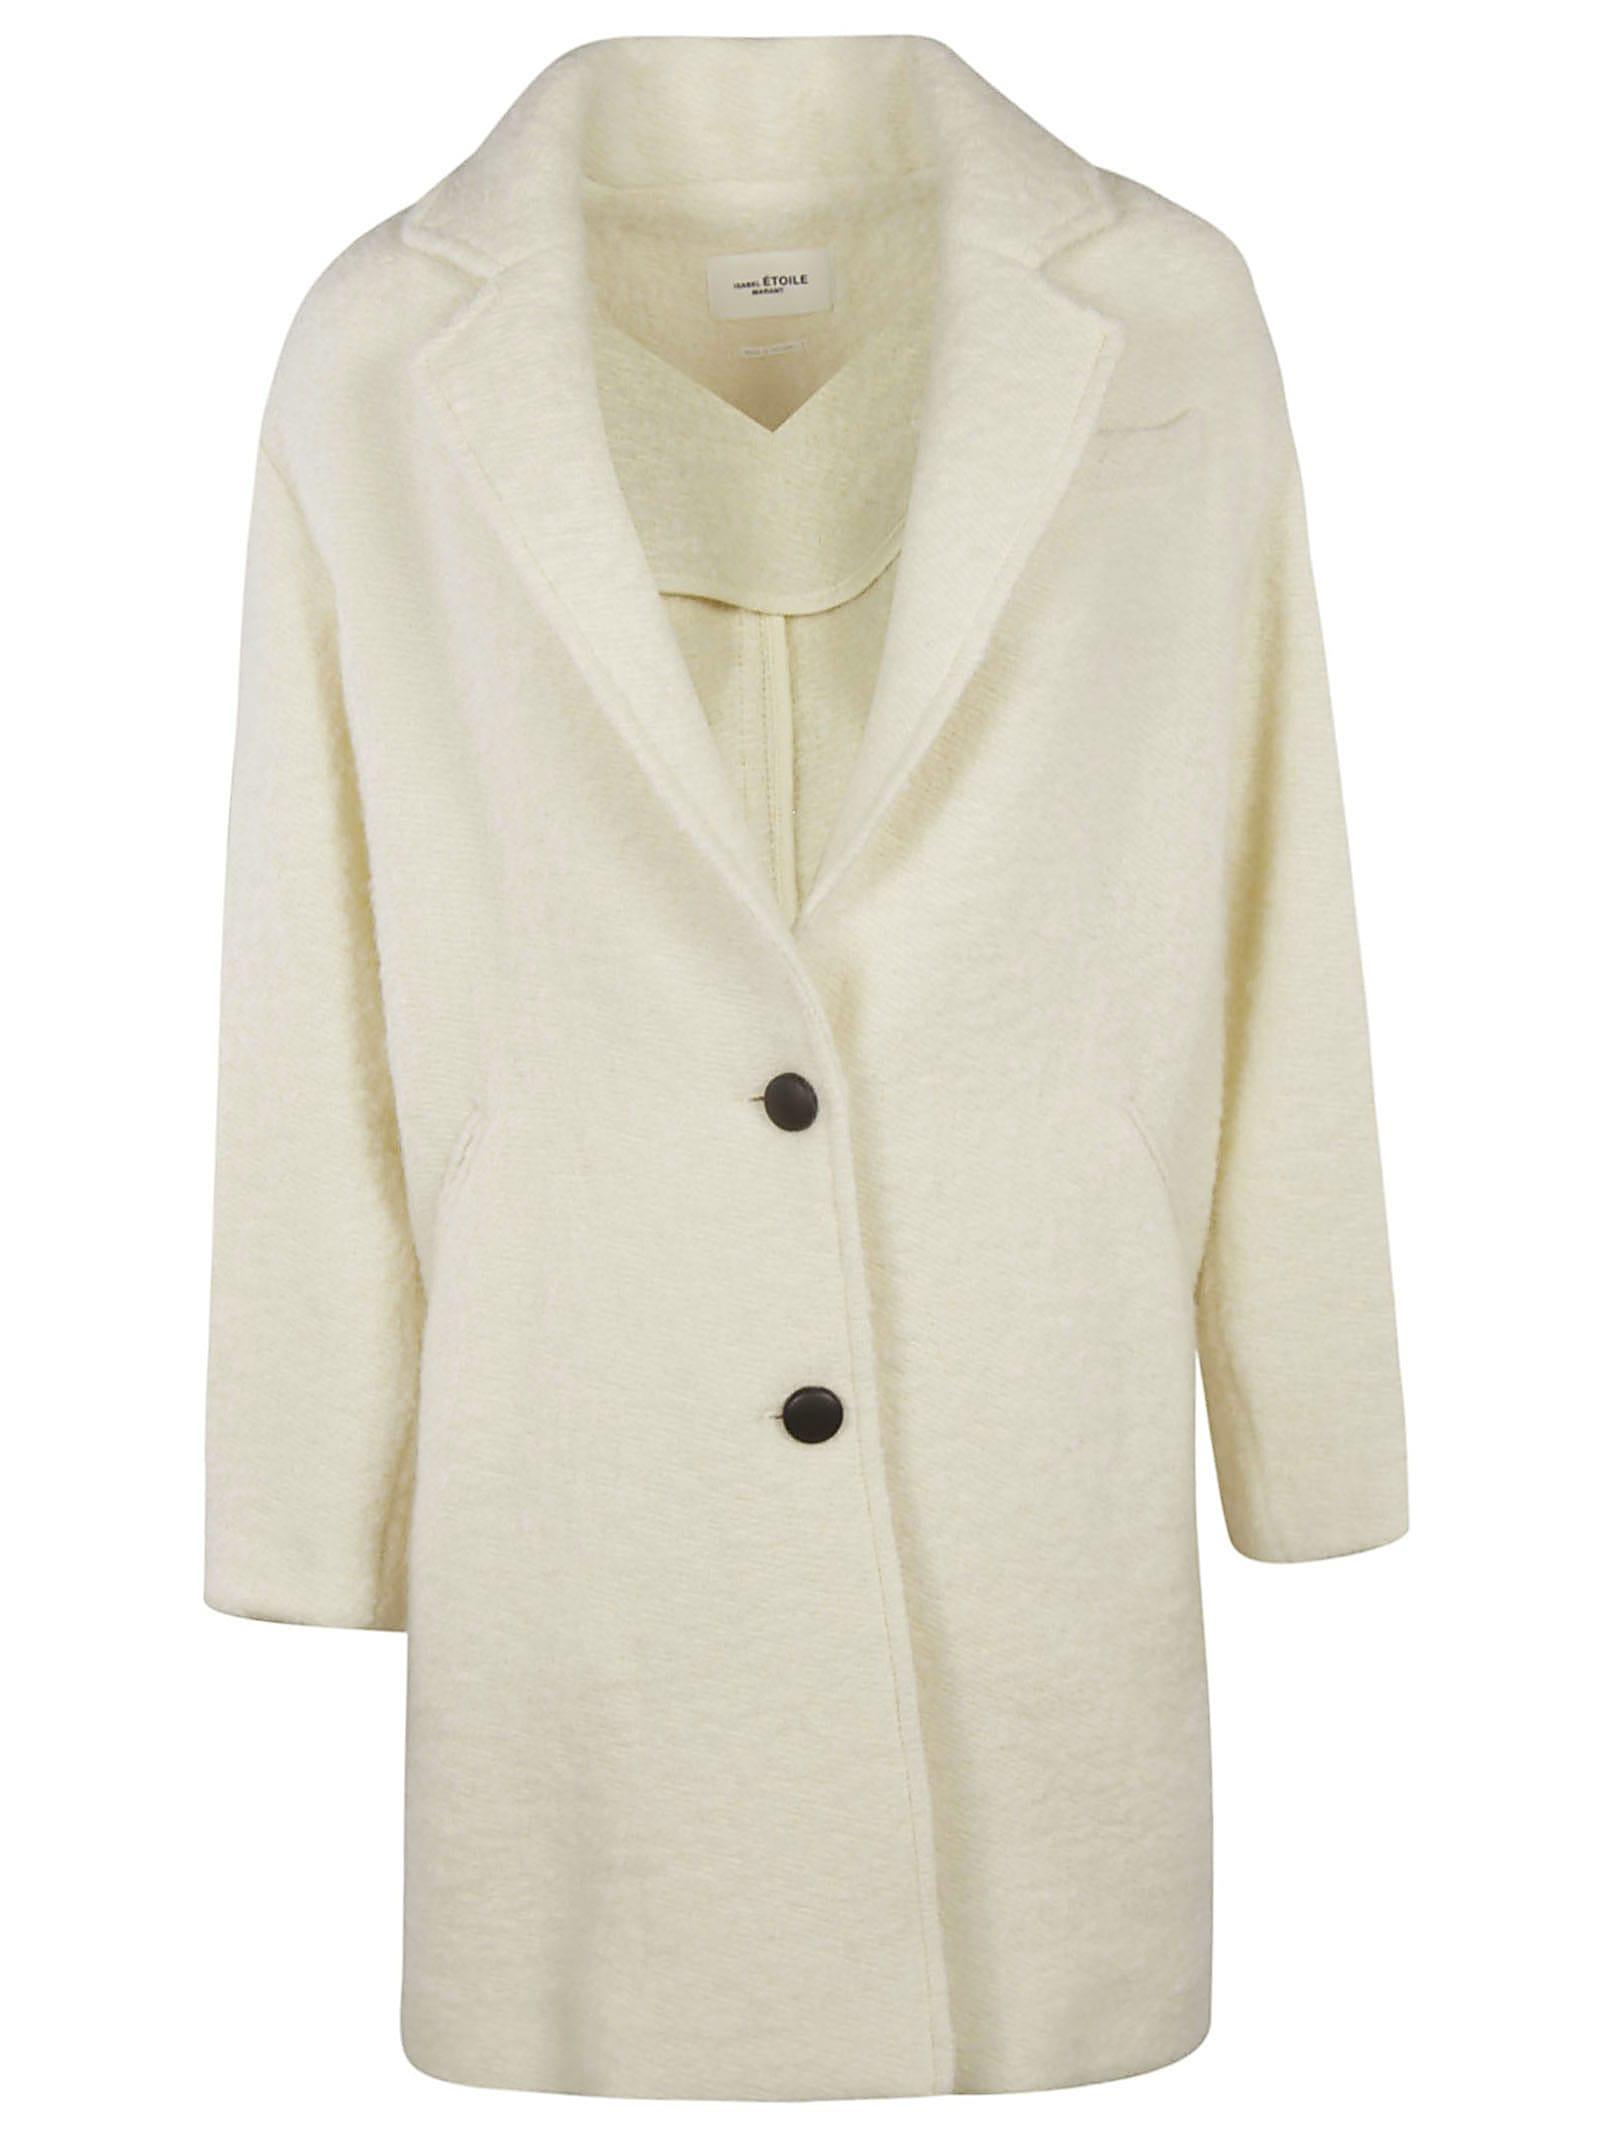 Isabel Marant Buttoned Coat